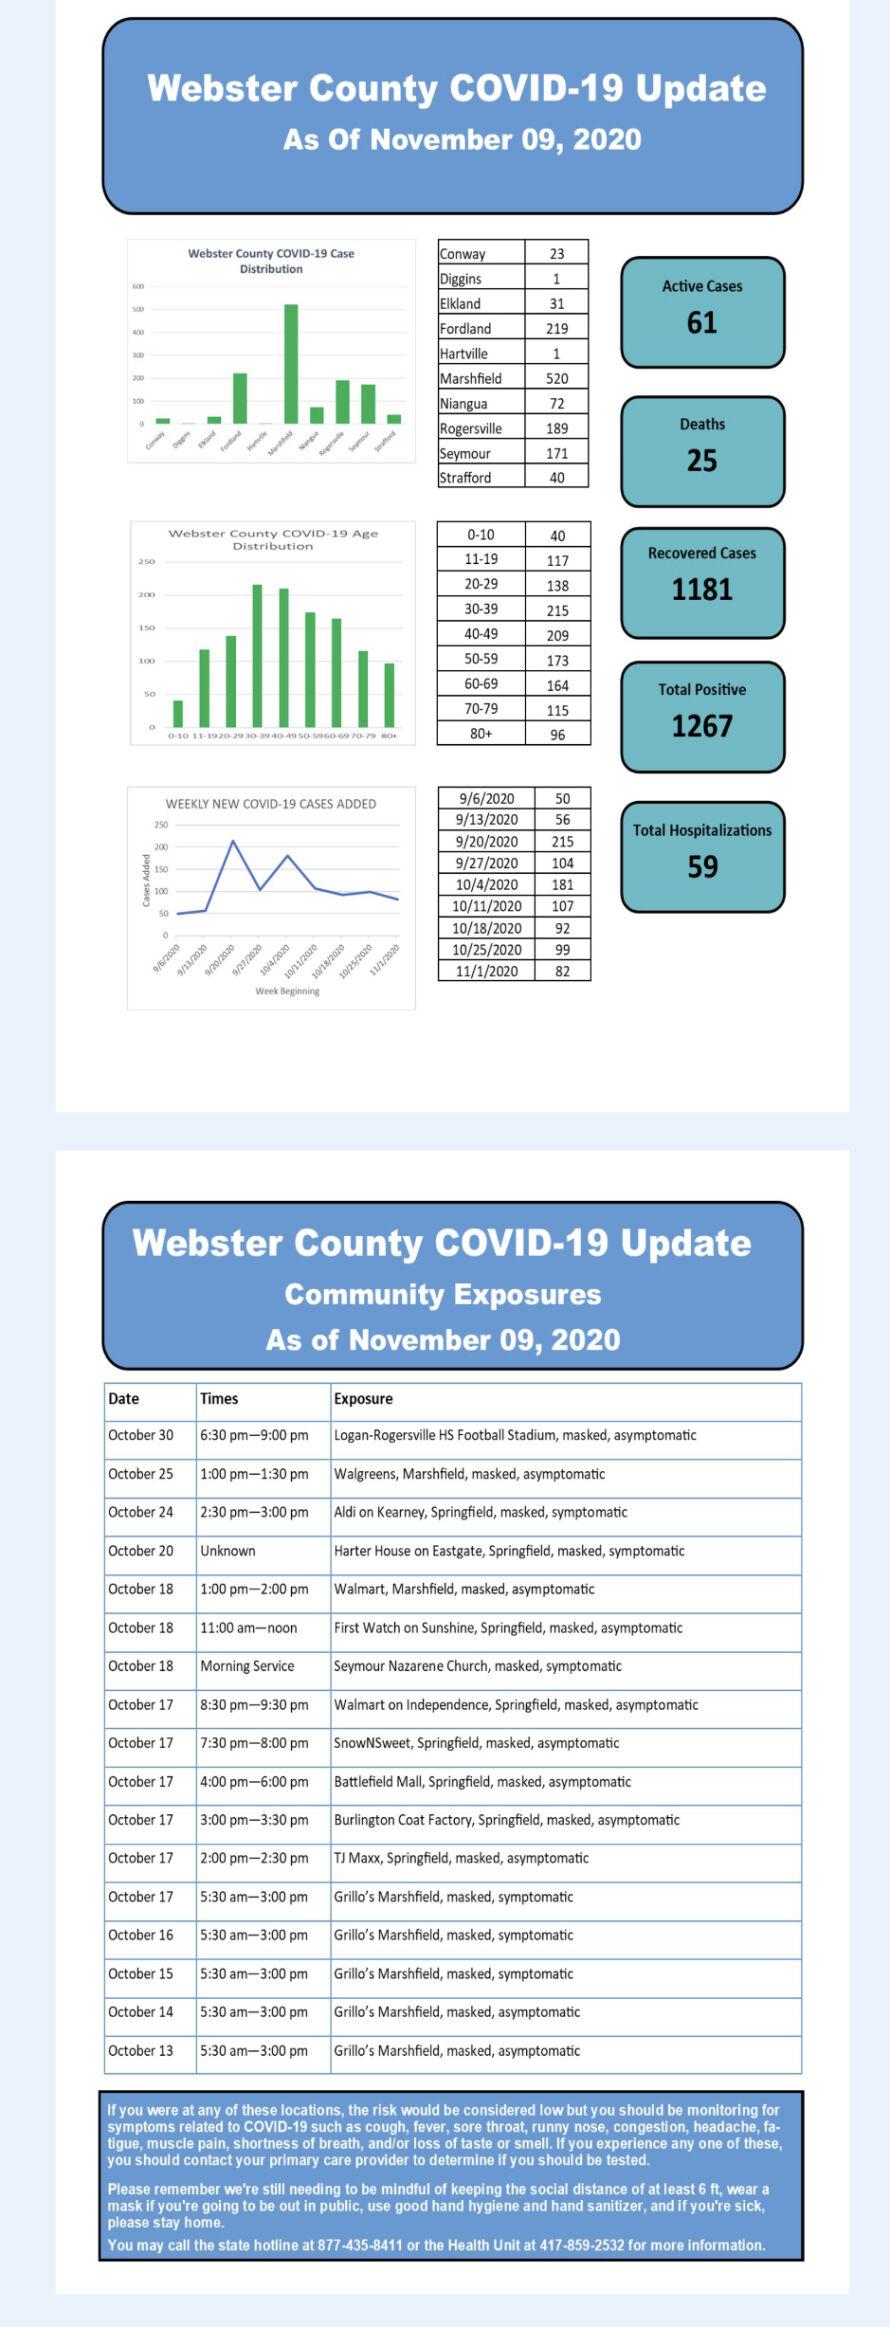 - COVID-19 cases Nov. 9 Web. Co.